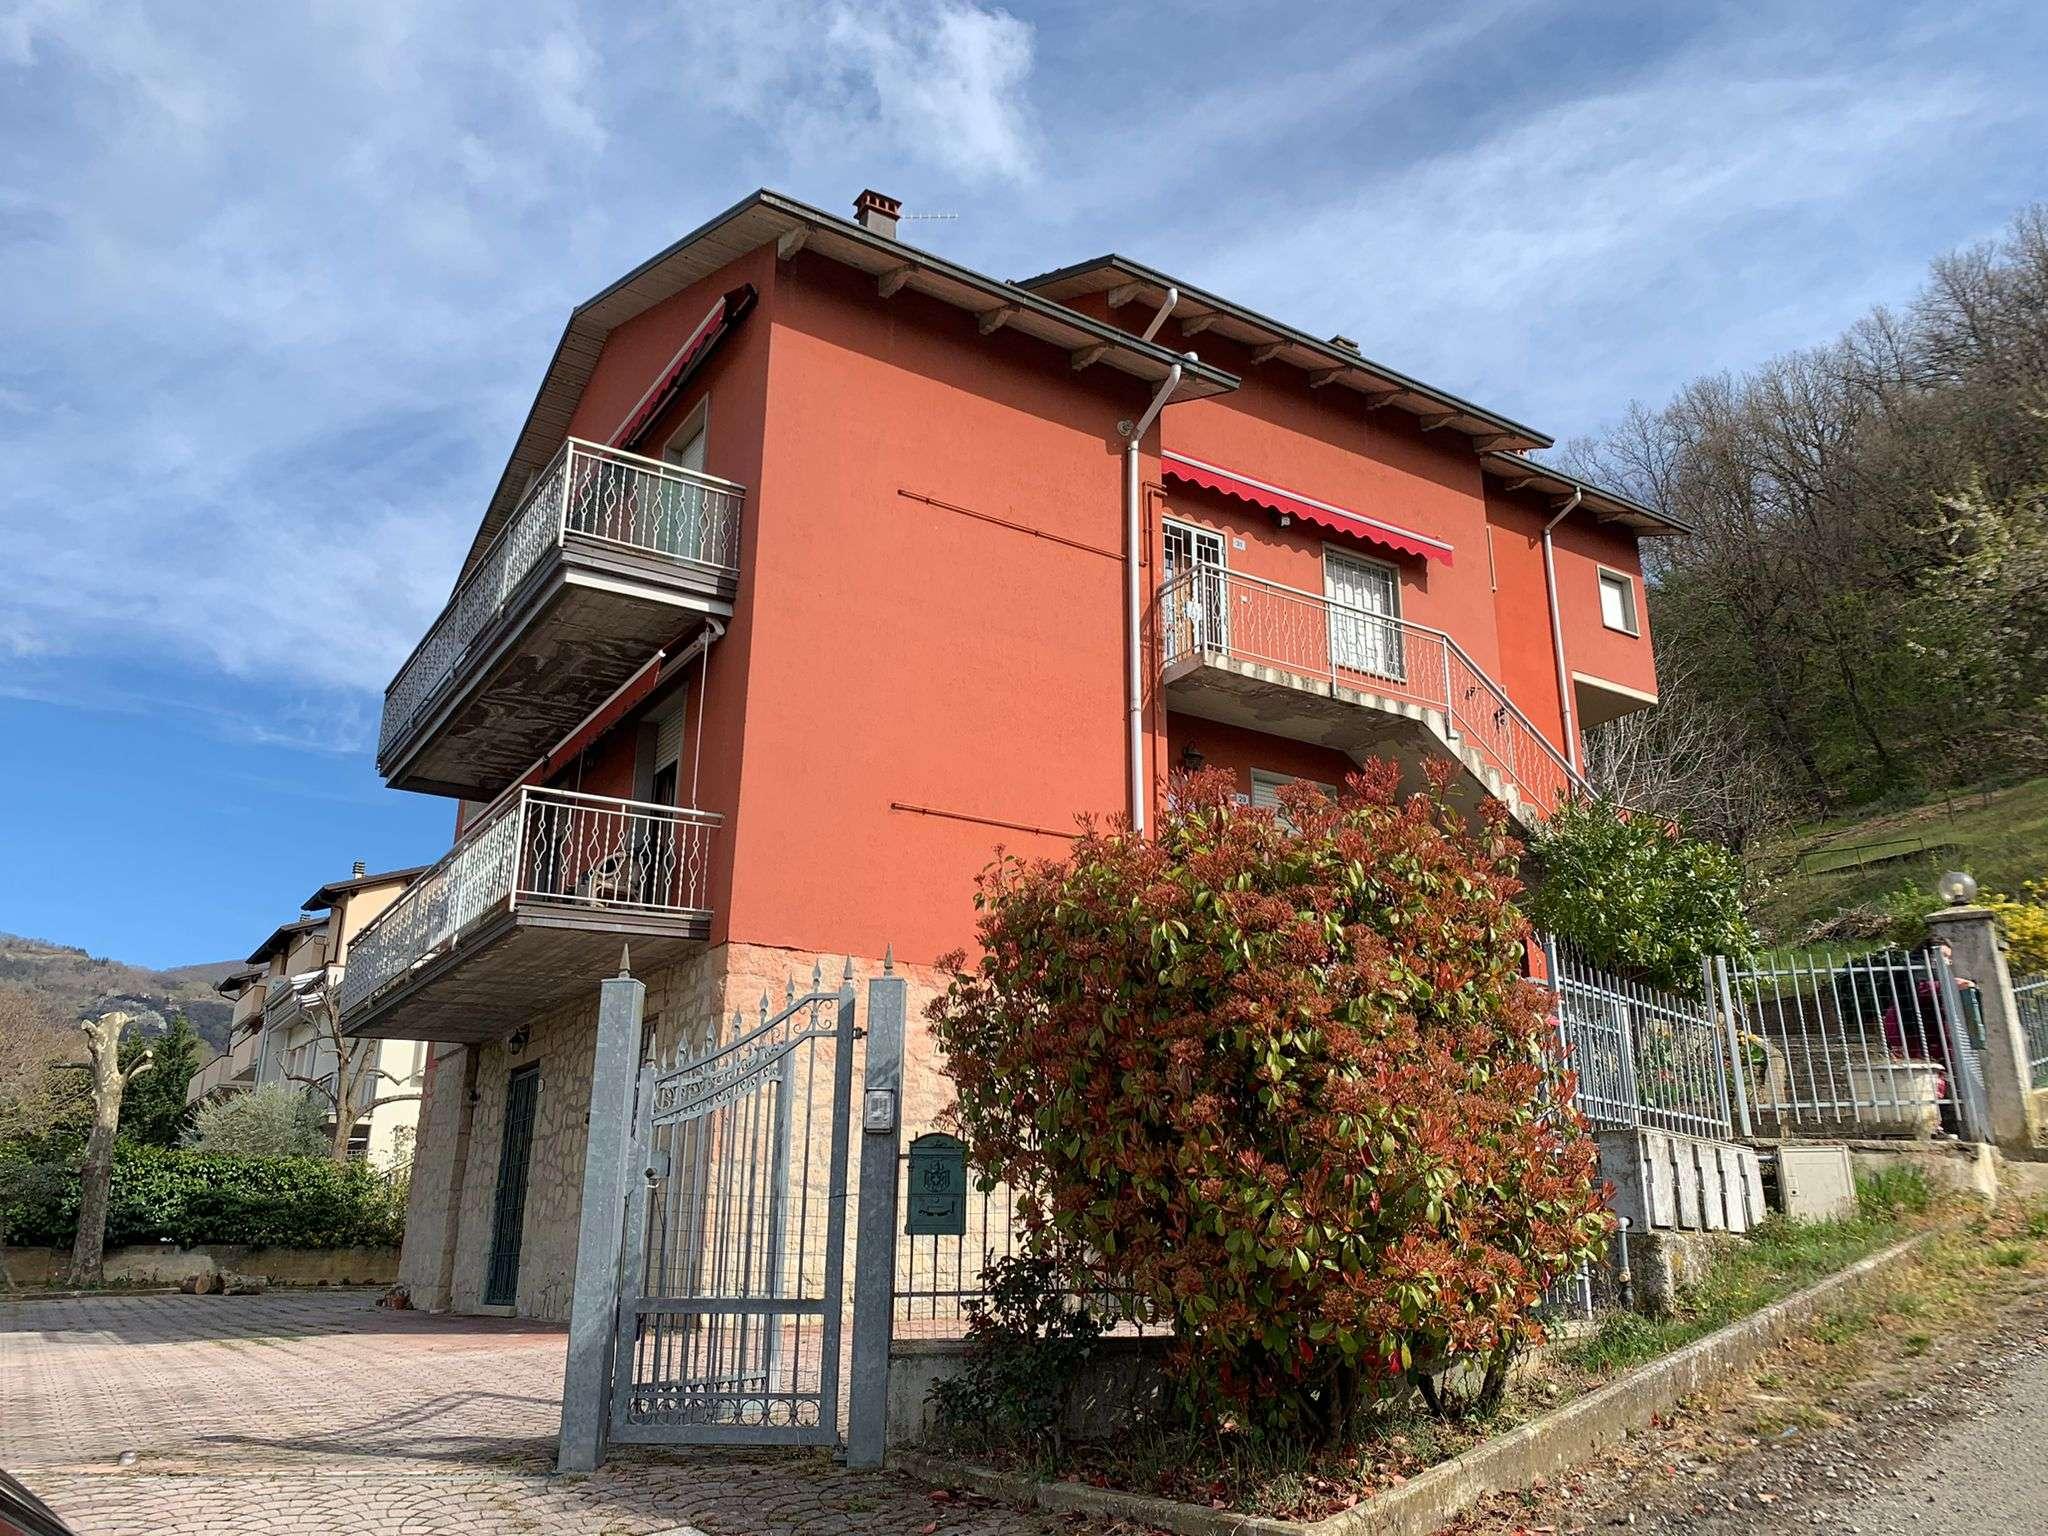 Attico / Mansarda in vendita a Vergato, 2 locali, prezzo € 32.000 | PortaleAgenzieImmobiliari.it